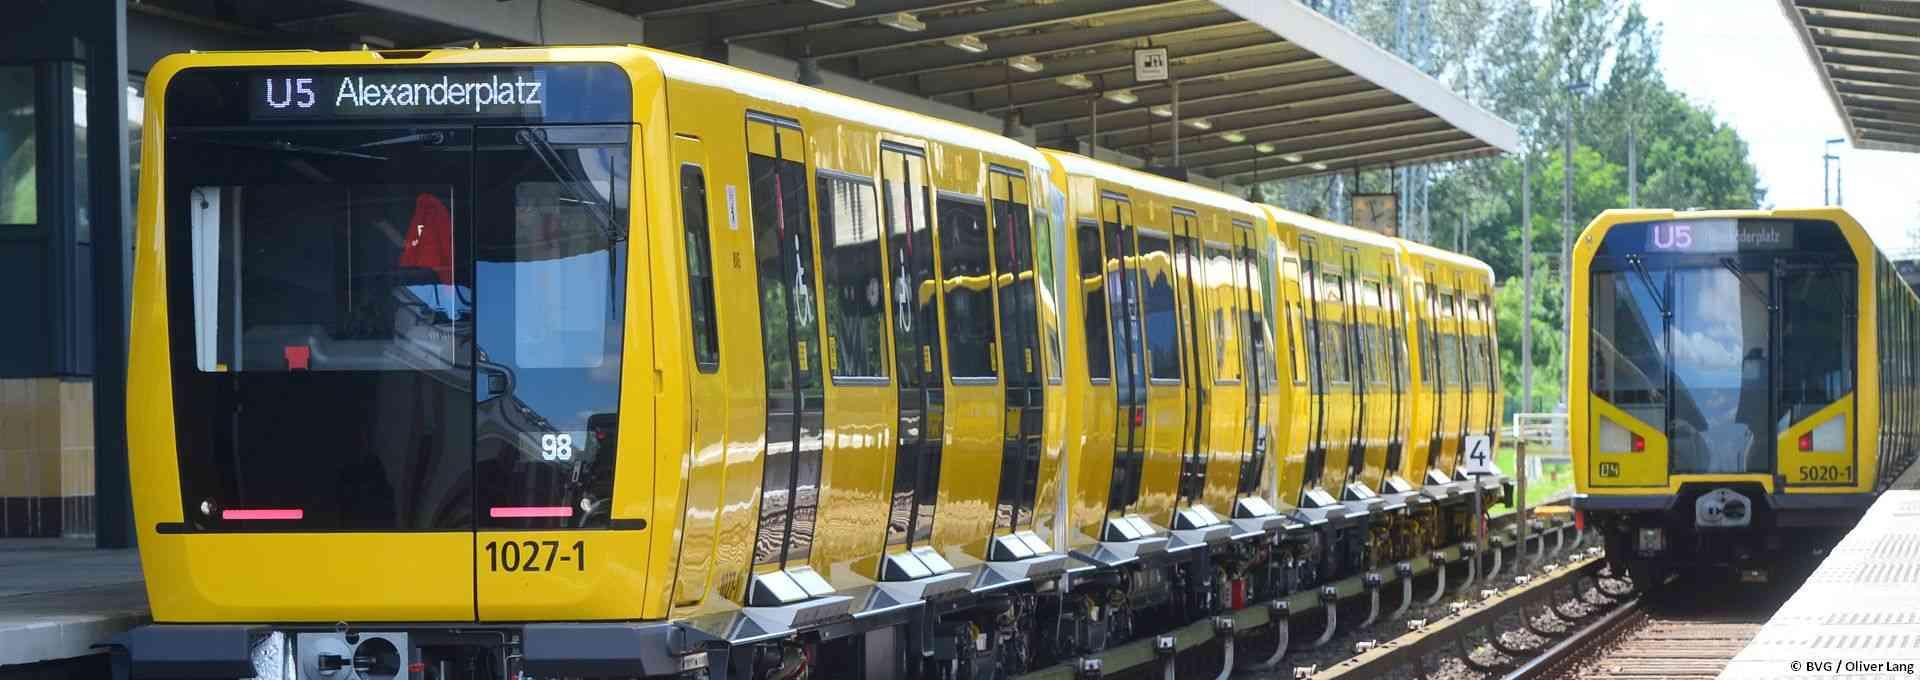 Berliner U-Bahn-Züge der Linie U5